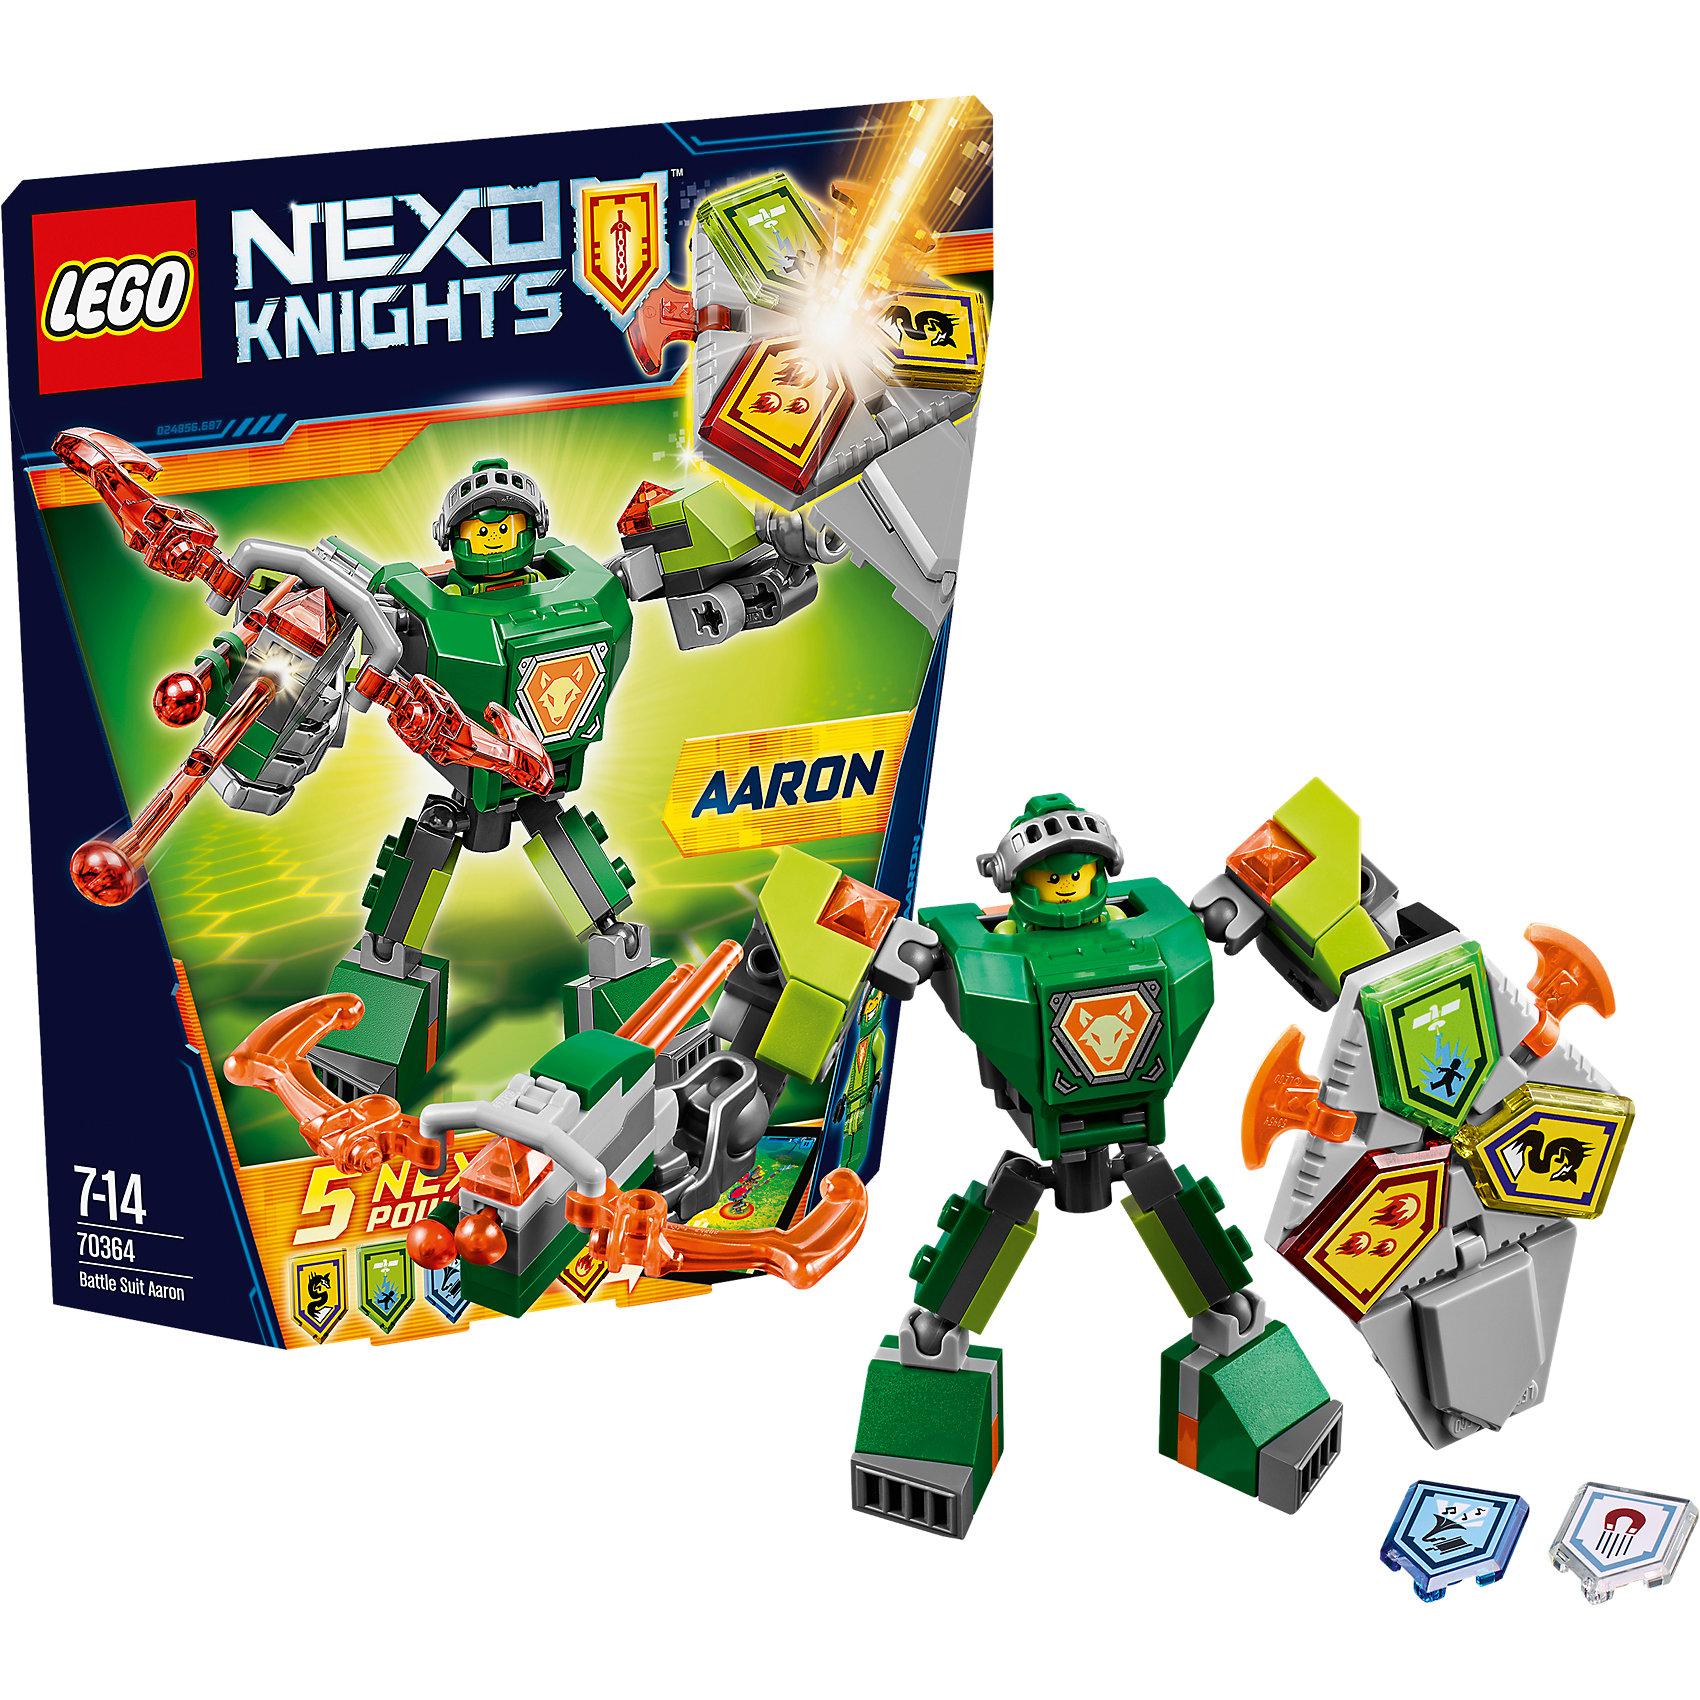 LEGO NEXO KNIGHTS 70364: Боевые доспехи АаронаПластмассовые конструкторы<br>LEGO NEXO KNIGHTS 70364: Боевые доспехи Аарона<br><br>Характеристики:<br><br>- в набор входит: доспехи, фигурка, 5 защитных сил, красочная инструкция<br>- состав: пластик<br>- количество деталей: 80<br>- размер коробки: 20 * 5,5 * 19 см.<br>- высота доспеха: 9 см.<br>- для детей в возрасте: от 7 до 14 лет<br>- Страна производитель: Дания/Китай/Чехия<br><br>Легендарный конструктор LEGO (ЛЕГО) представляет серию «NEXO KNIGHTS» (Нэксо Найтс) по сюжету одноименного мультсериала. Серия понравится любителям средневековья благодаря рыцарям, принцессам, монстрам и ужасным злодеям. Рыцарь Аарон получает свои новые боевые доспехи. Прекрасное сочетание темно-серого, зеленого, темно-зеленого и оранжевого цветов отлично ему подходят. Доспех на шарнирах и позволяет рыцарю свободно двигать руками и ногами в плечах, локтях, коленях, бедрах и торсе. Прочный щит содержит сразу три силы, а надежный и яркий арбалет станет отличным помощников в битве. Благодаря механизму можно стрелять из арбалета. Изображенный на груди герб Аарона является особенностью доспеха. Фигурка Аарона входит в комплект, отлично детализирована и имеет два выражения лица. Съемный шлем выглядит очень правдоподобно, забрало поднимается и опускается. К доспеху можно будет прикрепить дополнительные детали от LEGO NEXO KNIGHTS, которые выйдут во втором полугодии 2017 года. Помогай рыцарям бороться с каменными монстрами с помощью прогресса и невероятной Нексо силы!<br><br>Конструктор LEGO NEXO KNIGHTS 70364: Боевые доспехи Аарона можно купить в нашем интернет-магазине.<br><br>Ширина мм: 209<br>Глубина мм: 182<br>Высота мм: 51<br>Вес г: 119<br>Возраст от месяцев: 84<br>Возраст до месяцев: 168<br>Пол: Мужской<br>Возраст: Детский<br>SKU: 5002426